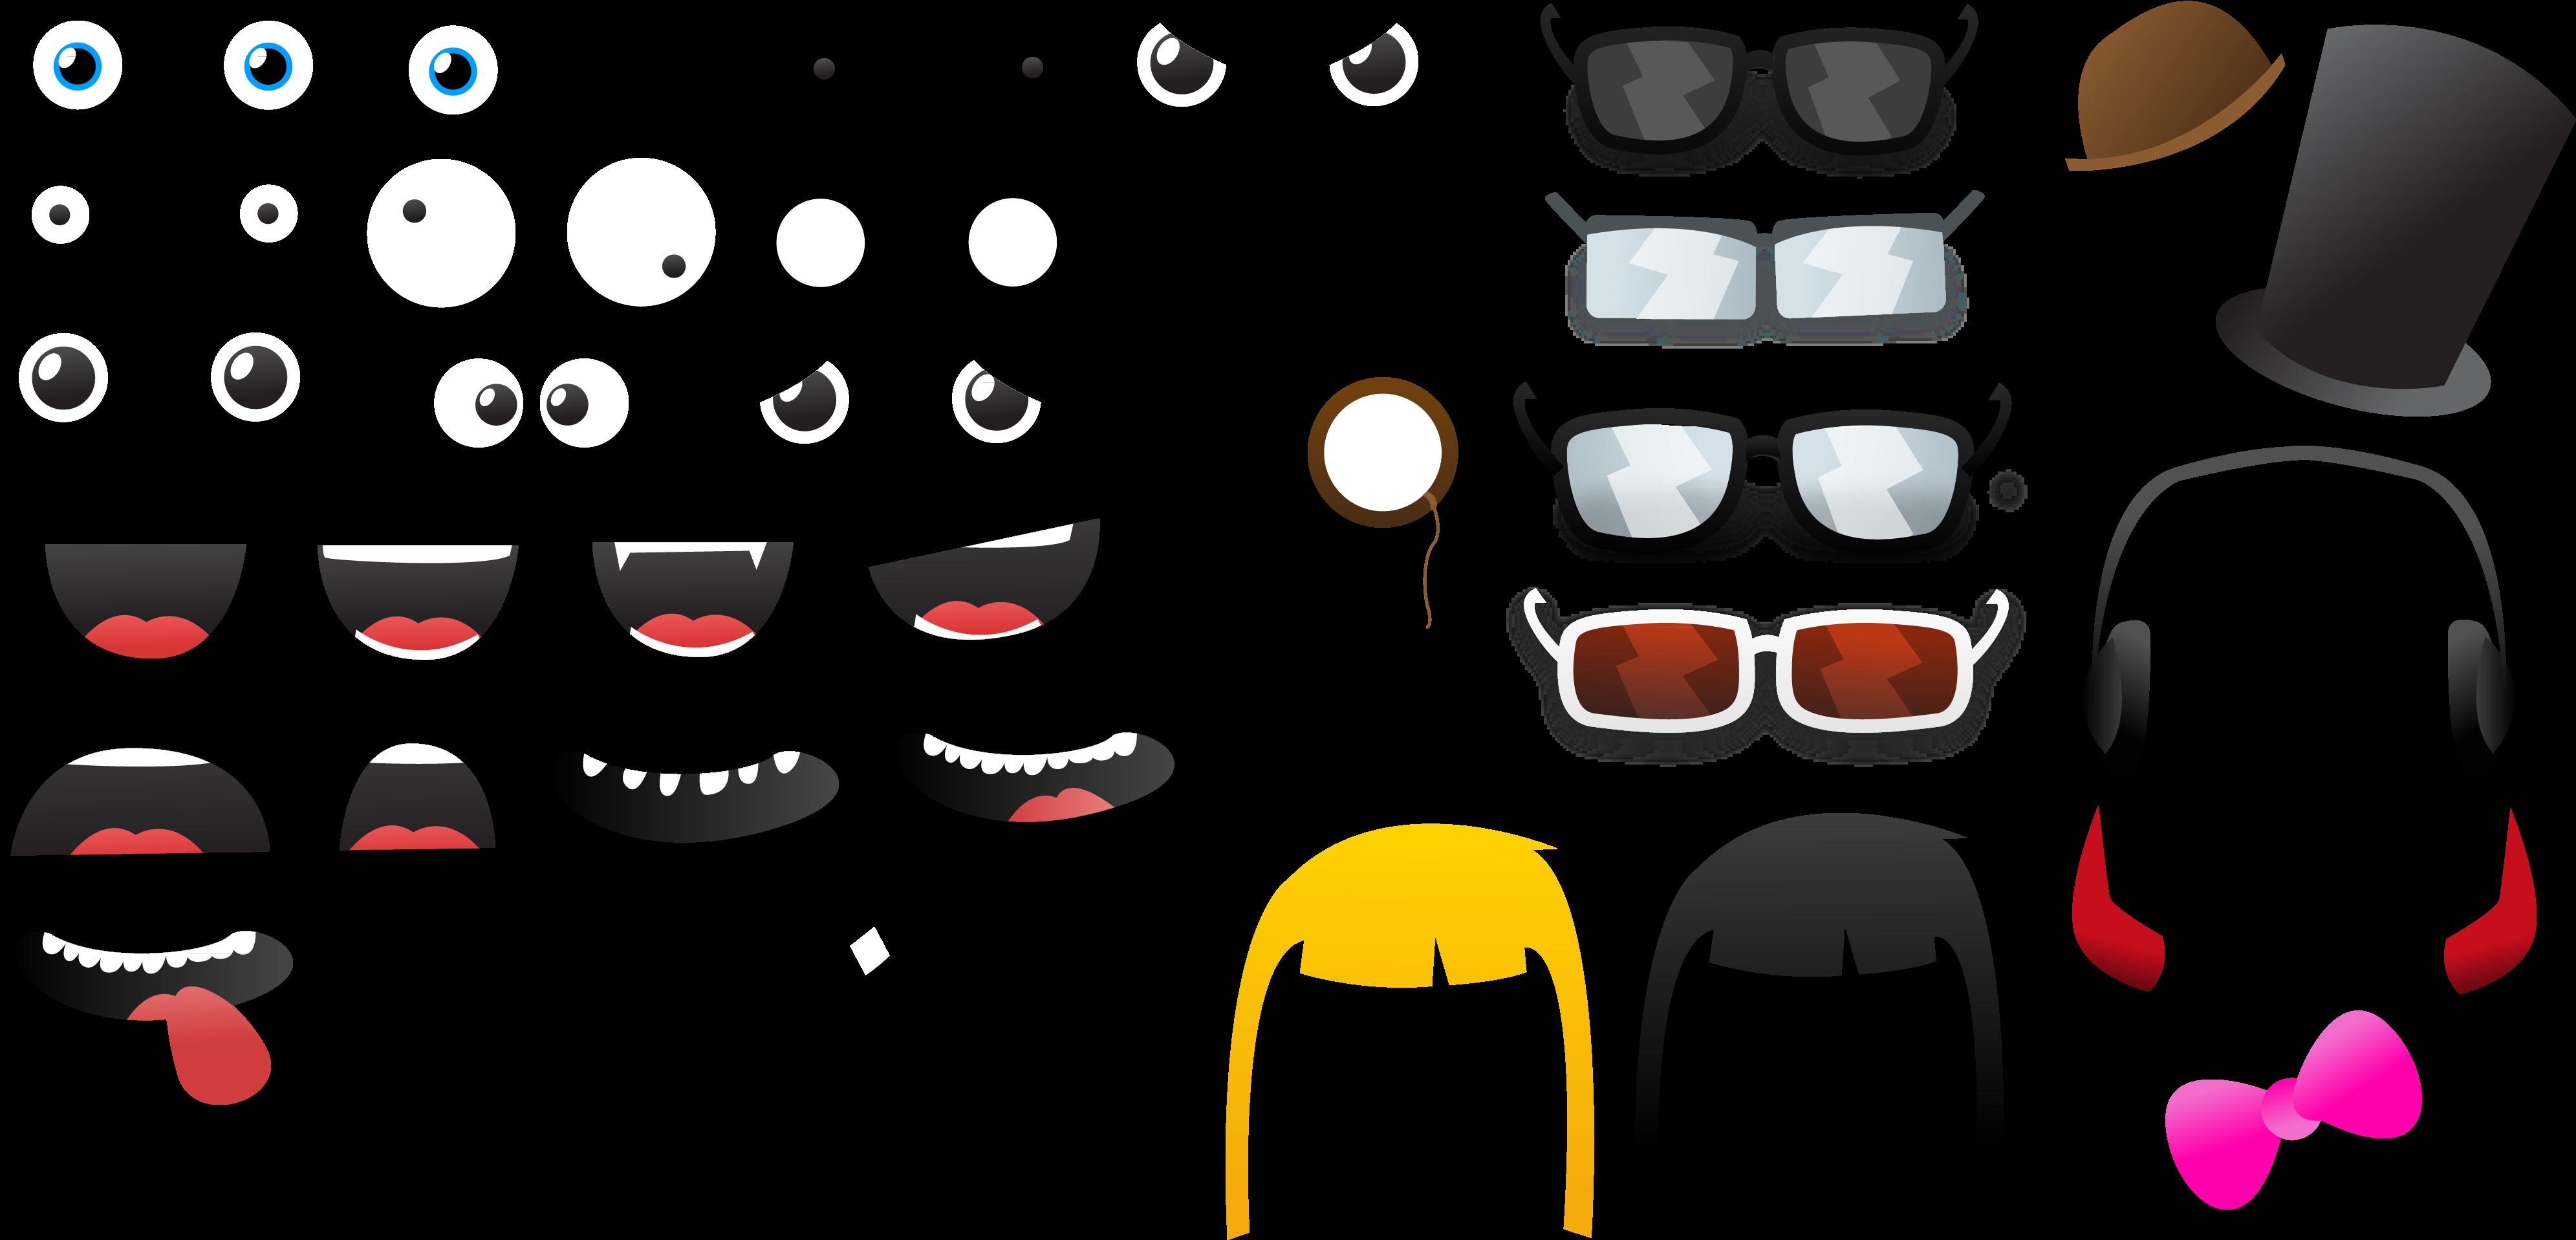 глаза для игры фоторобот семейные фото